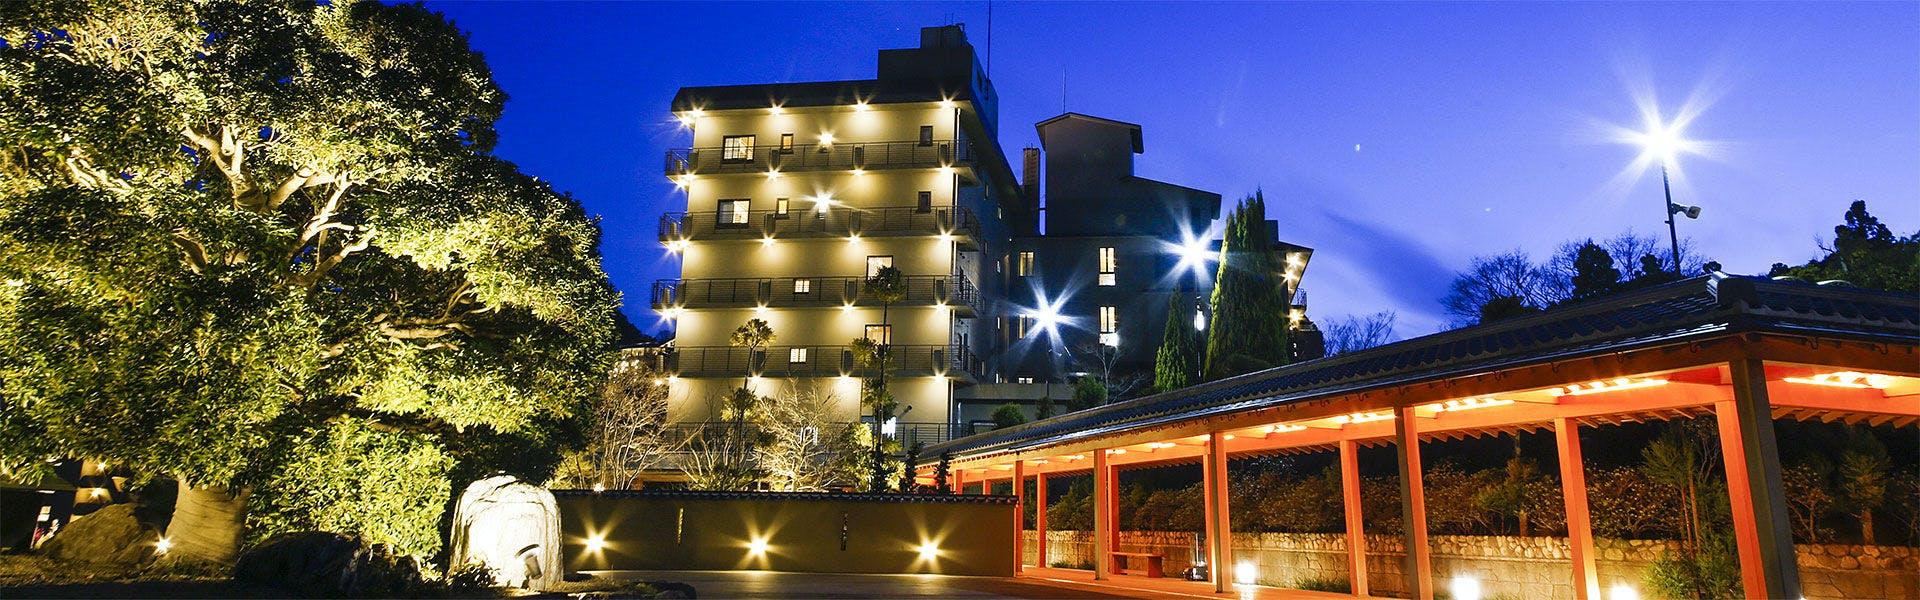 記念日におすすめのホテル・銀水荘 兆楽の写真1